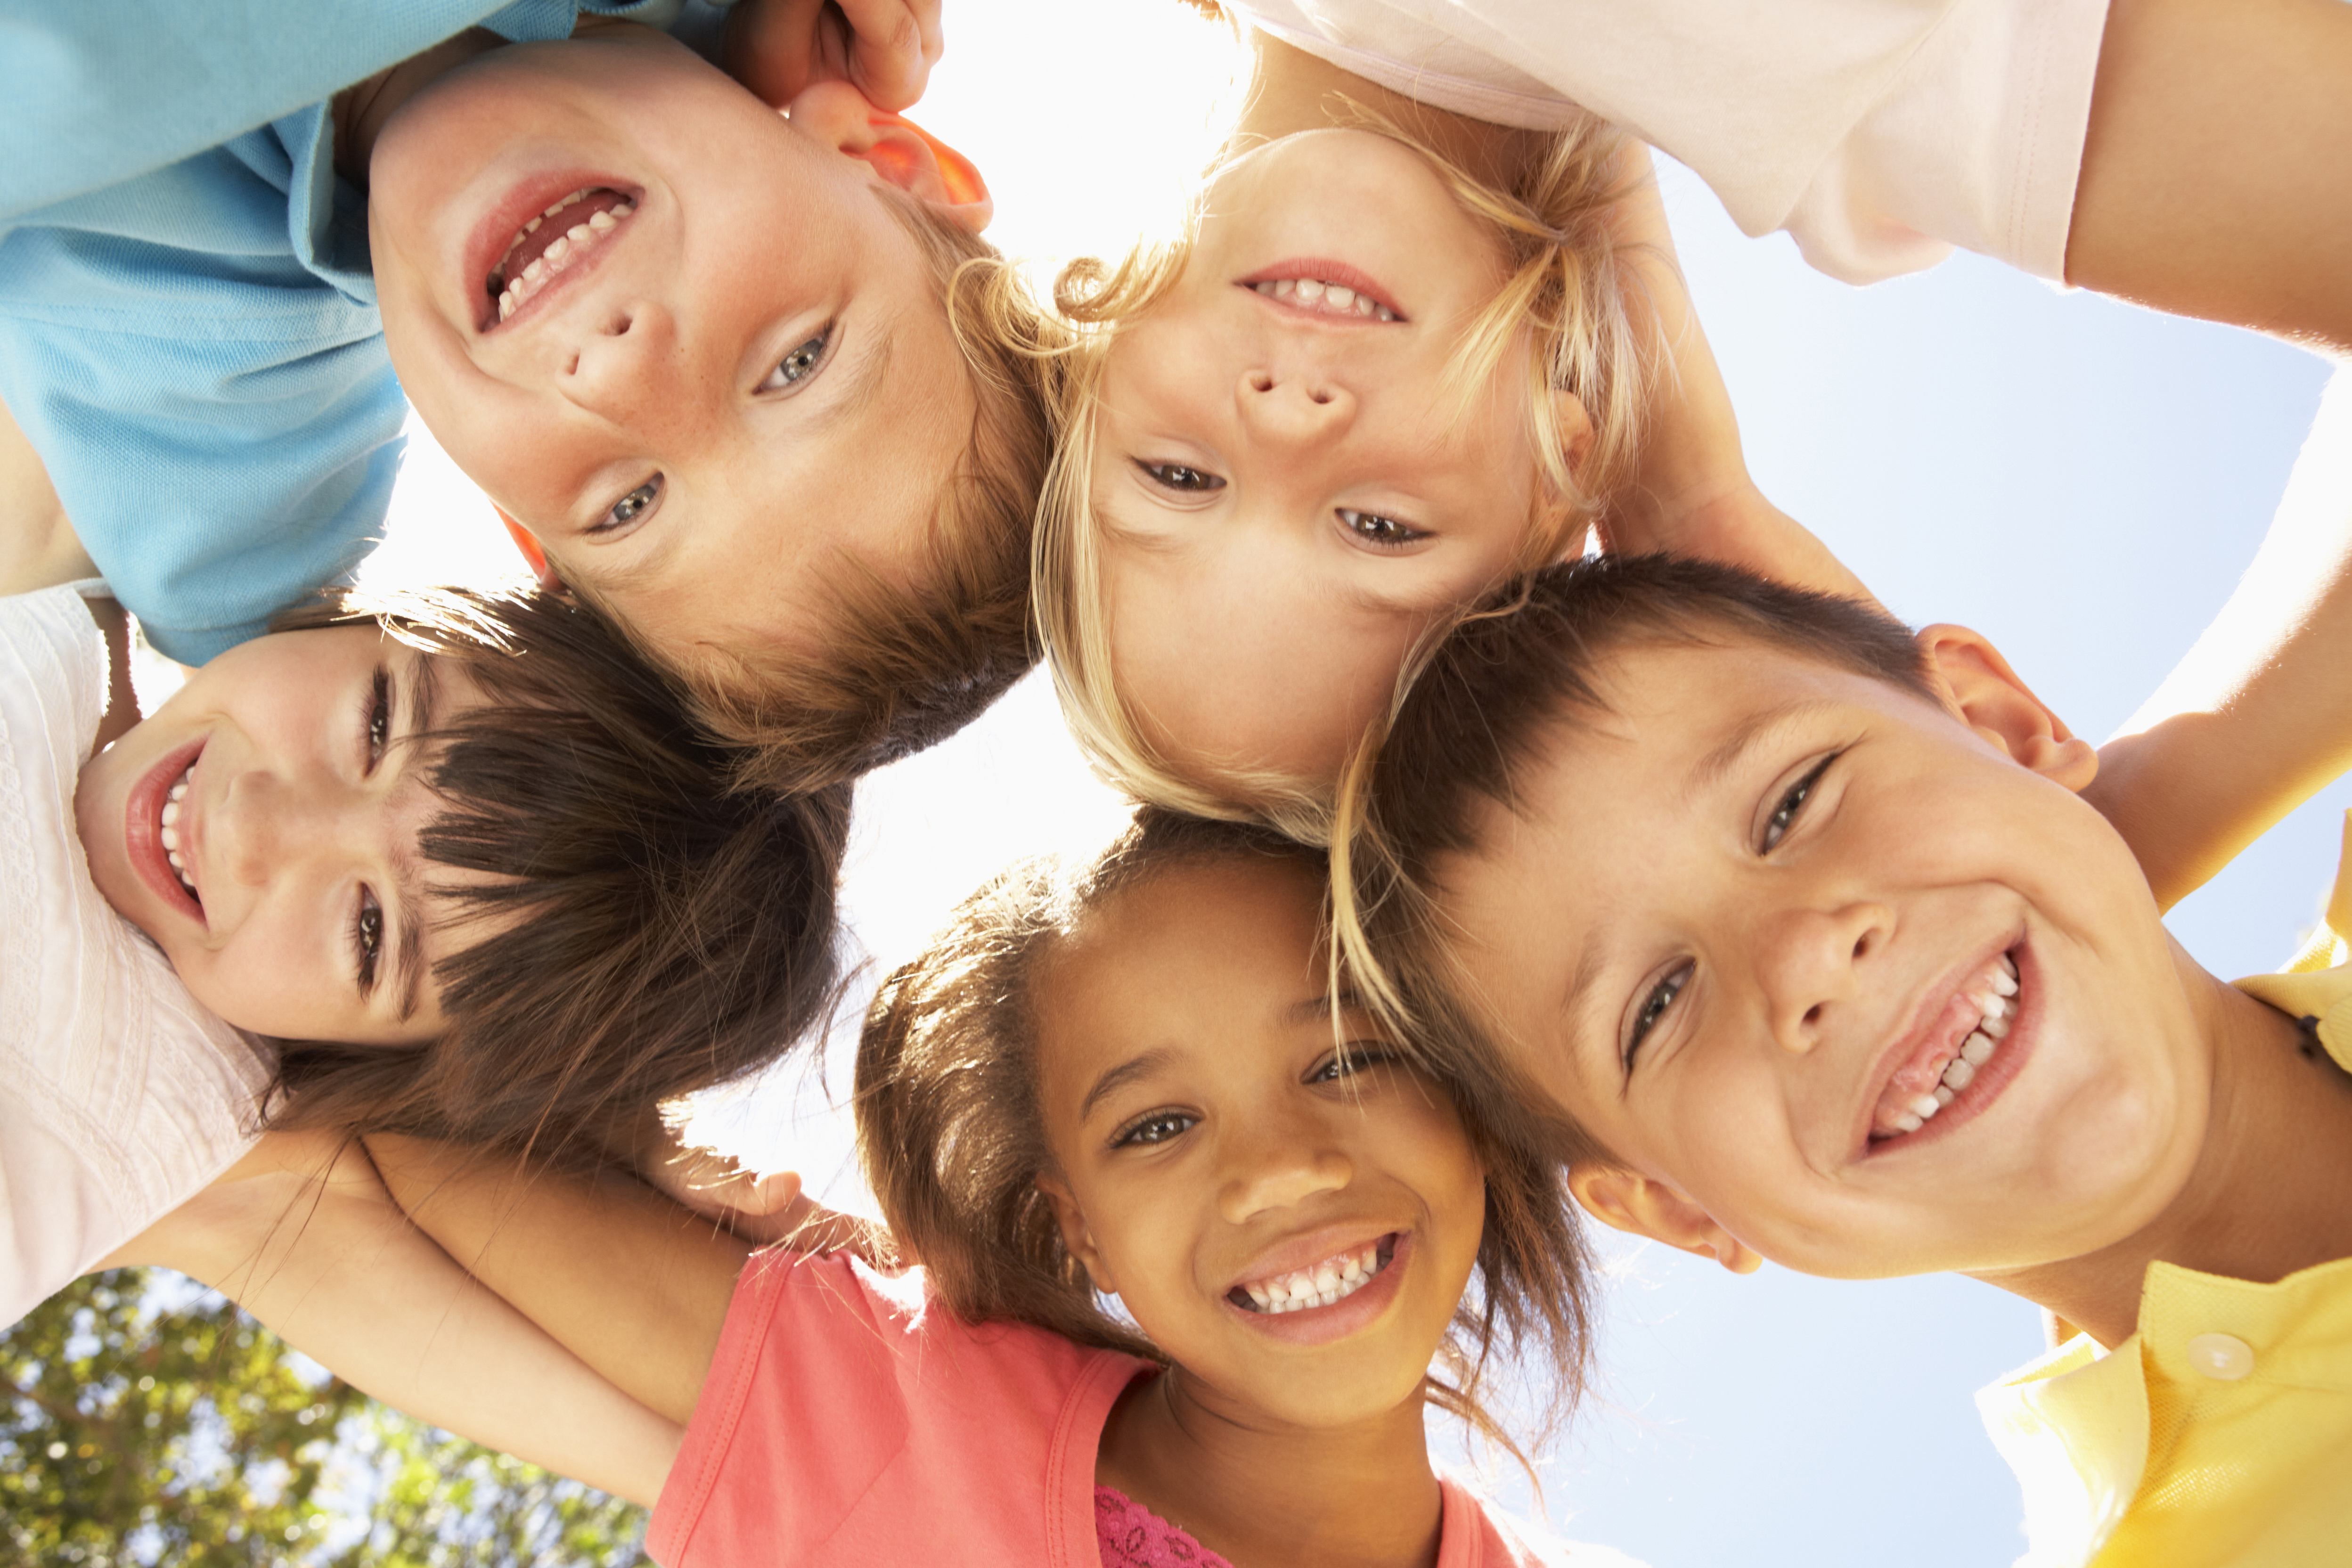 отношений картинки детки смеются коротко, лача